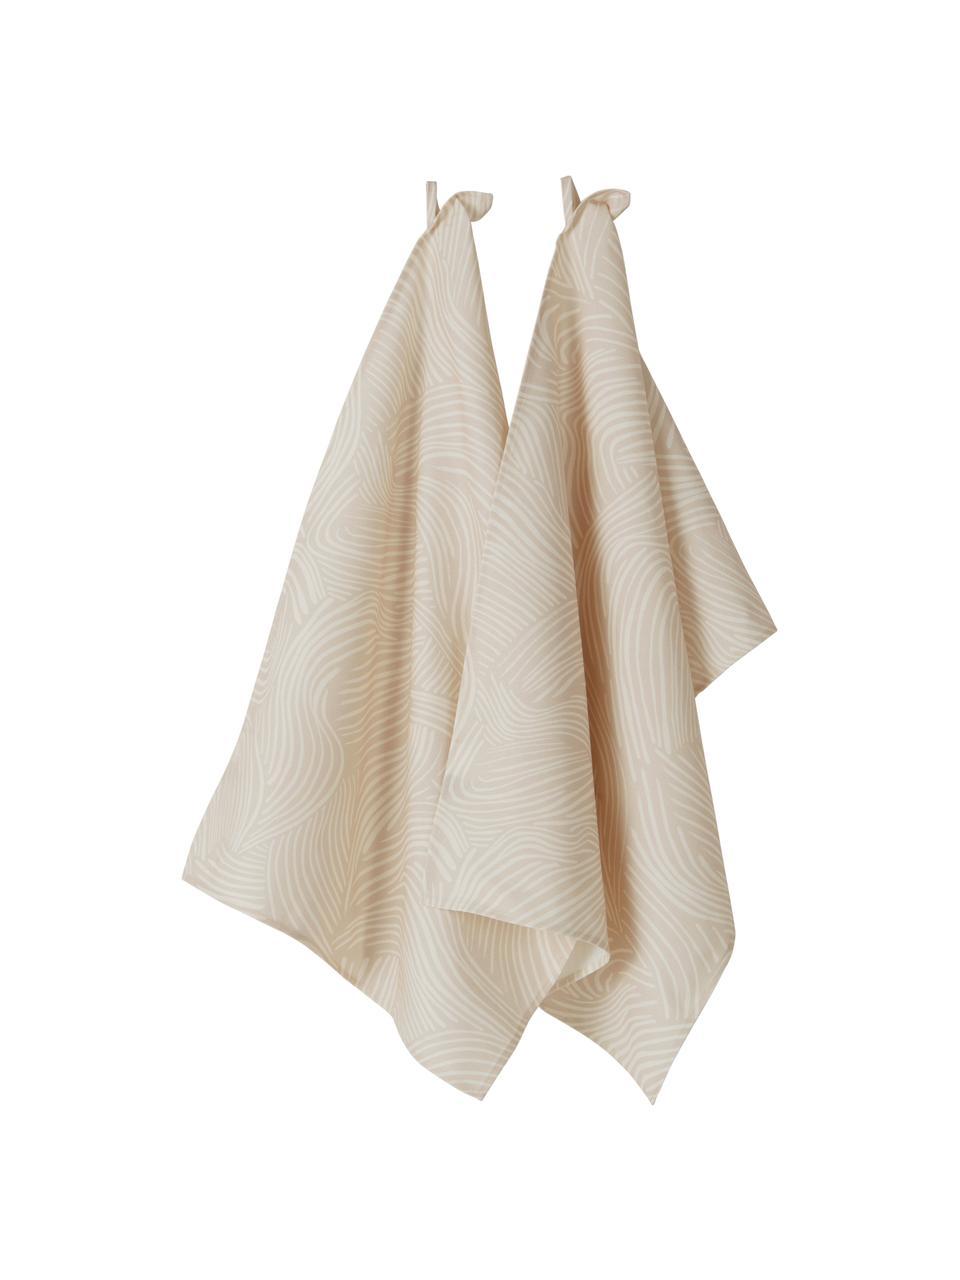 Baumwoll-Geschirrtücher Vida in Beige mit feinen Linien, 2 Stück, 100% Baumwolle, Beige, 50 x 70 cm